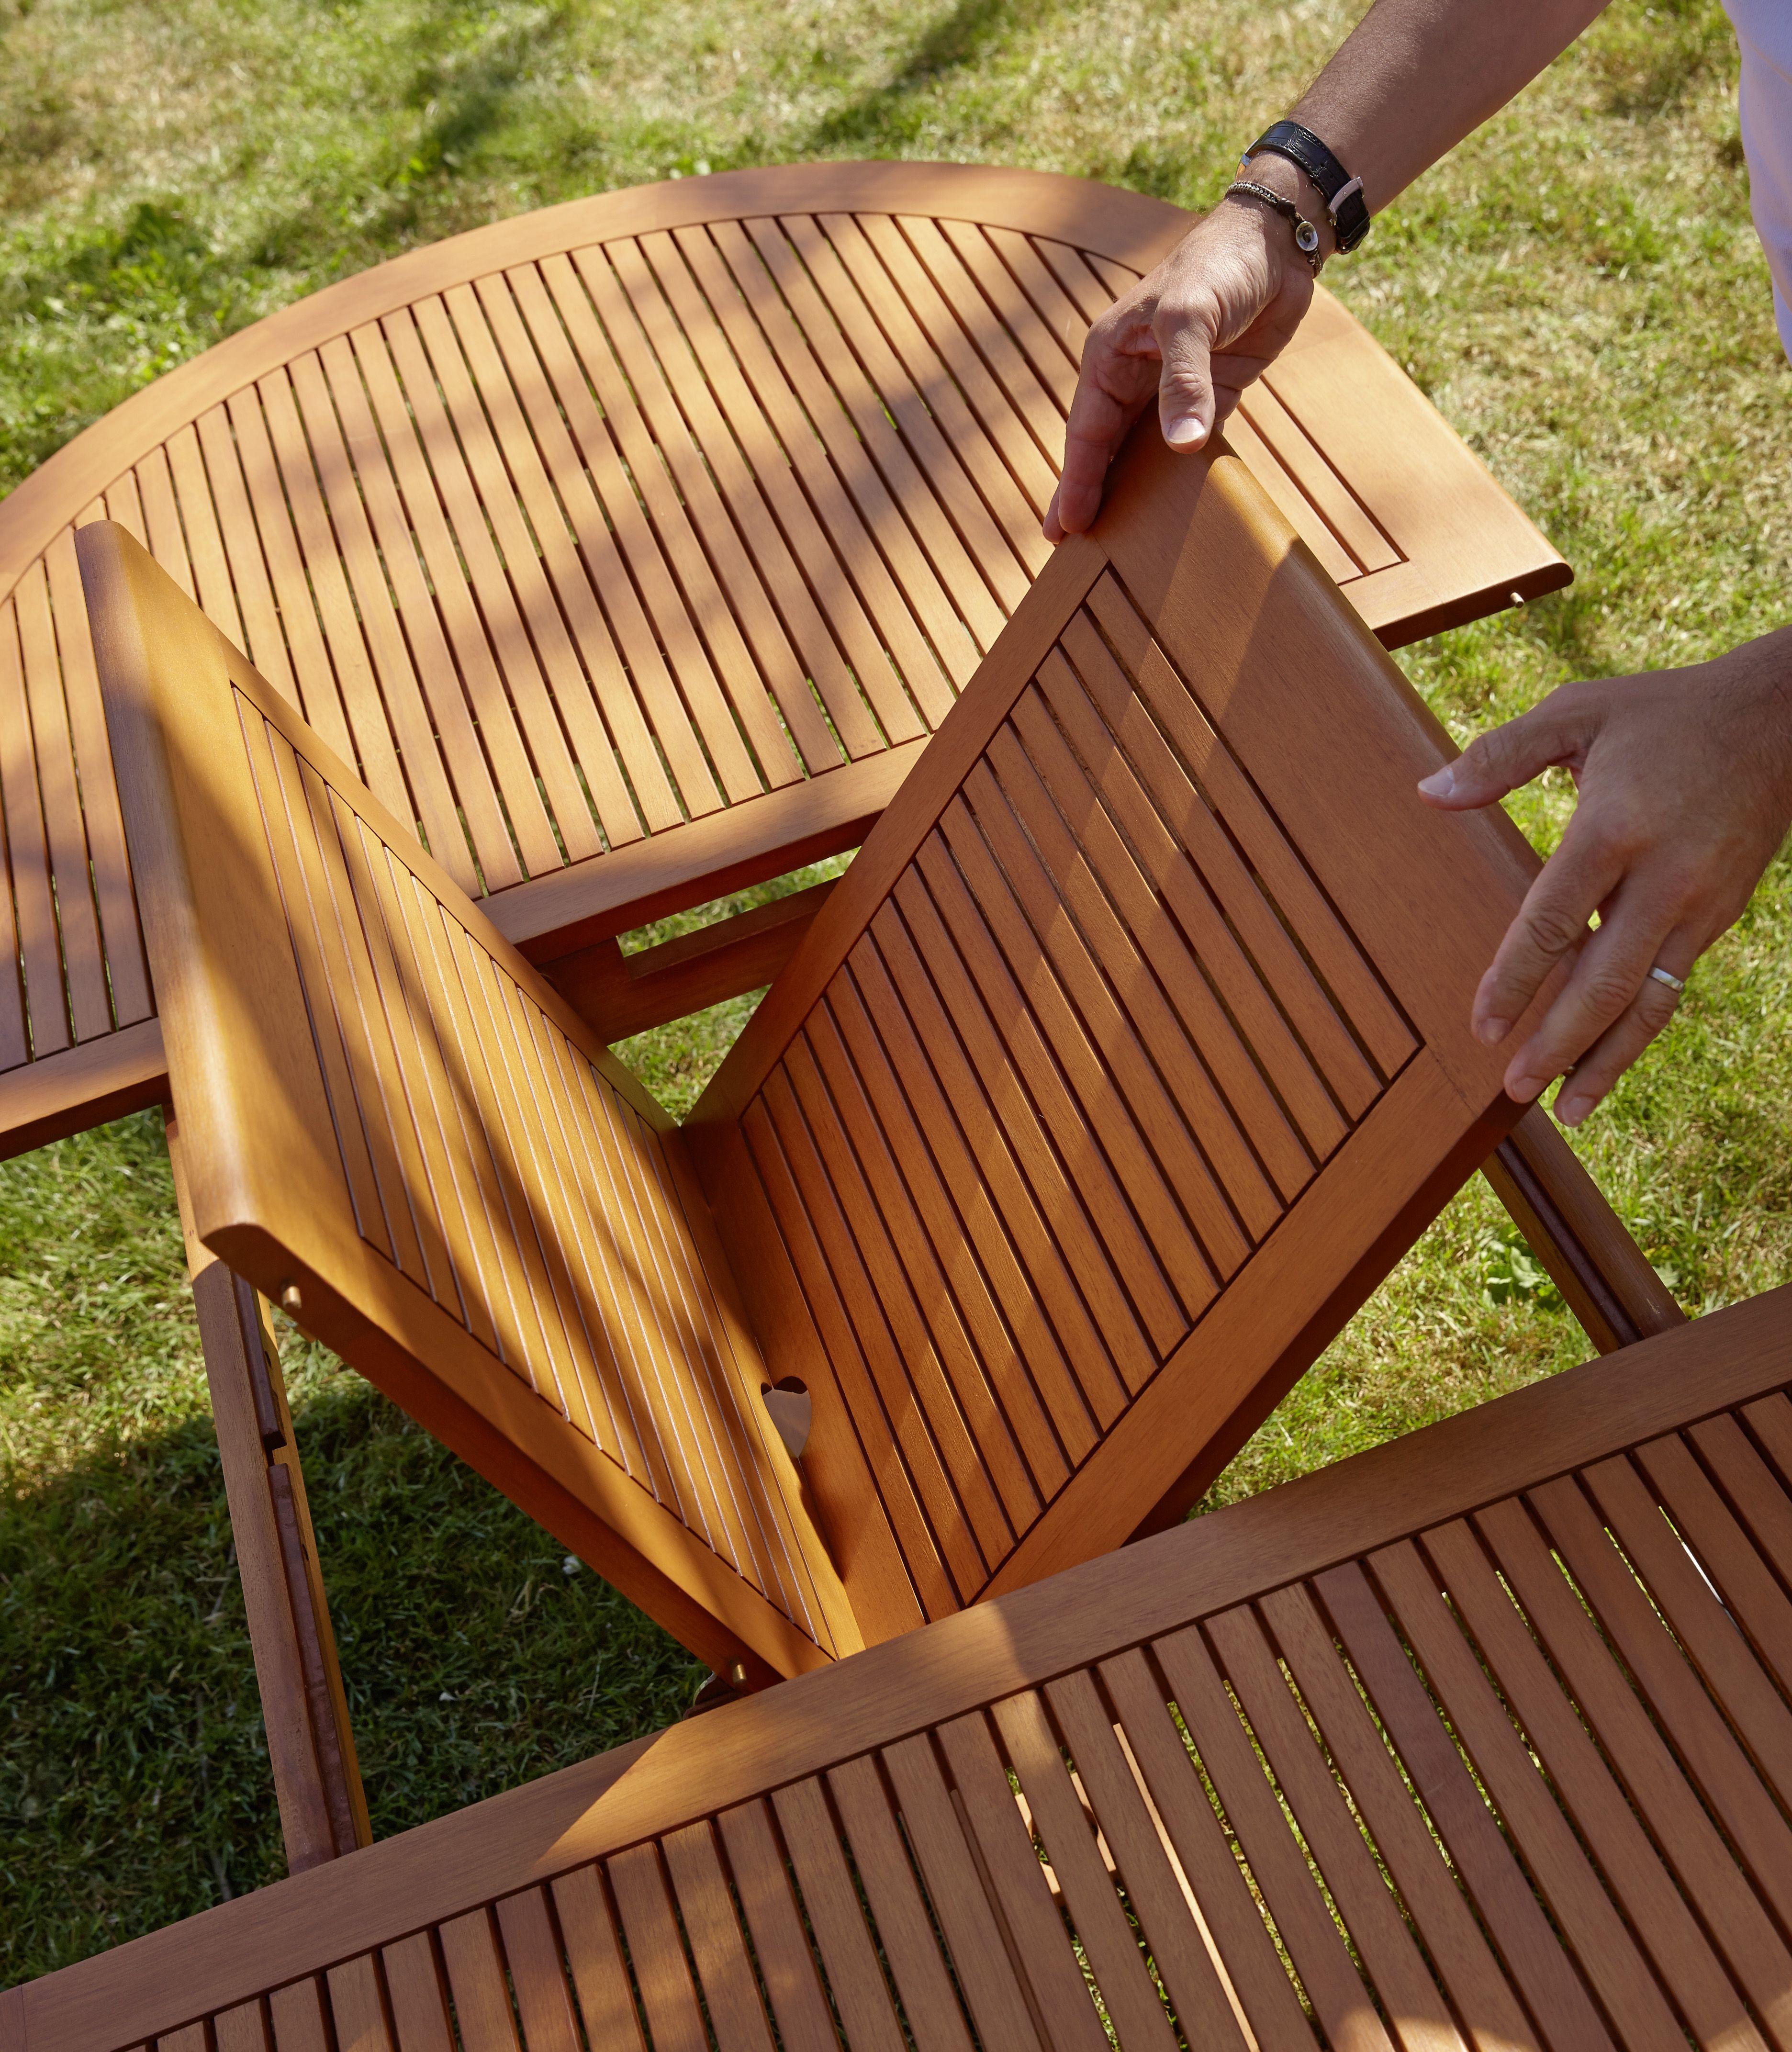 La Ligne Sumba Rapprochez Vous De La Nature 1 Table 6 Chaises Pliantes En Eucalyptus Fsc Finition Teinte Et Ambiance Jardin Mobilier Jardin Chaise Pliante